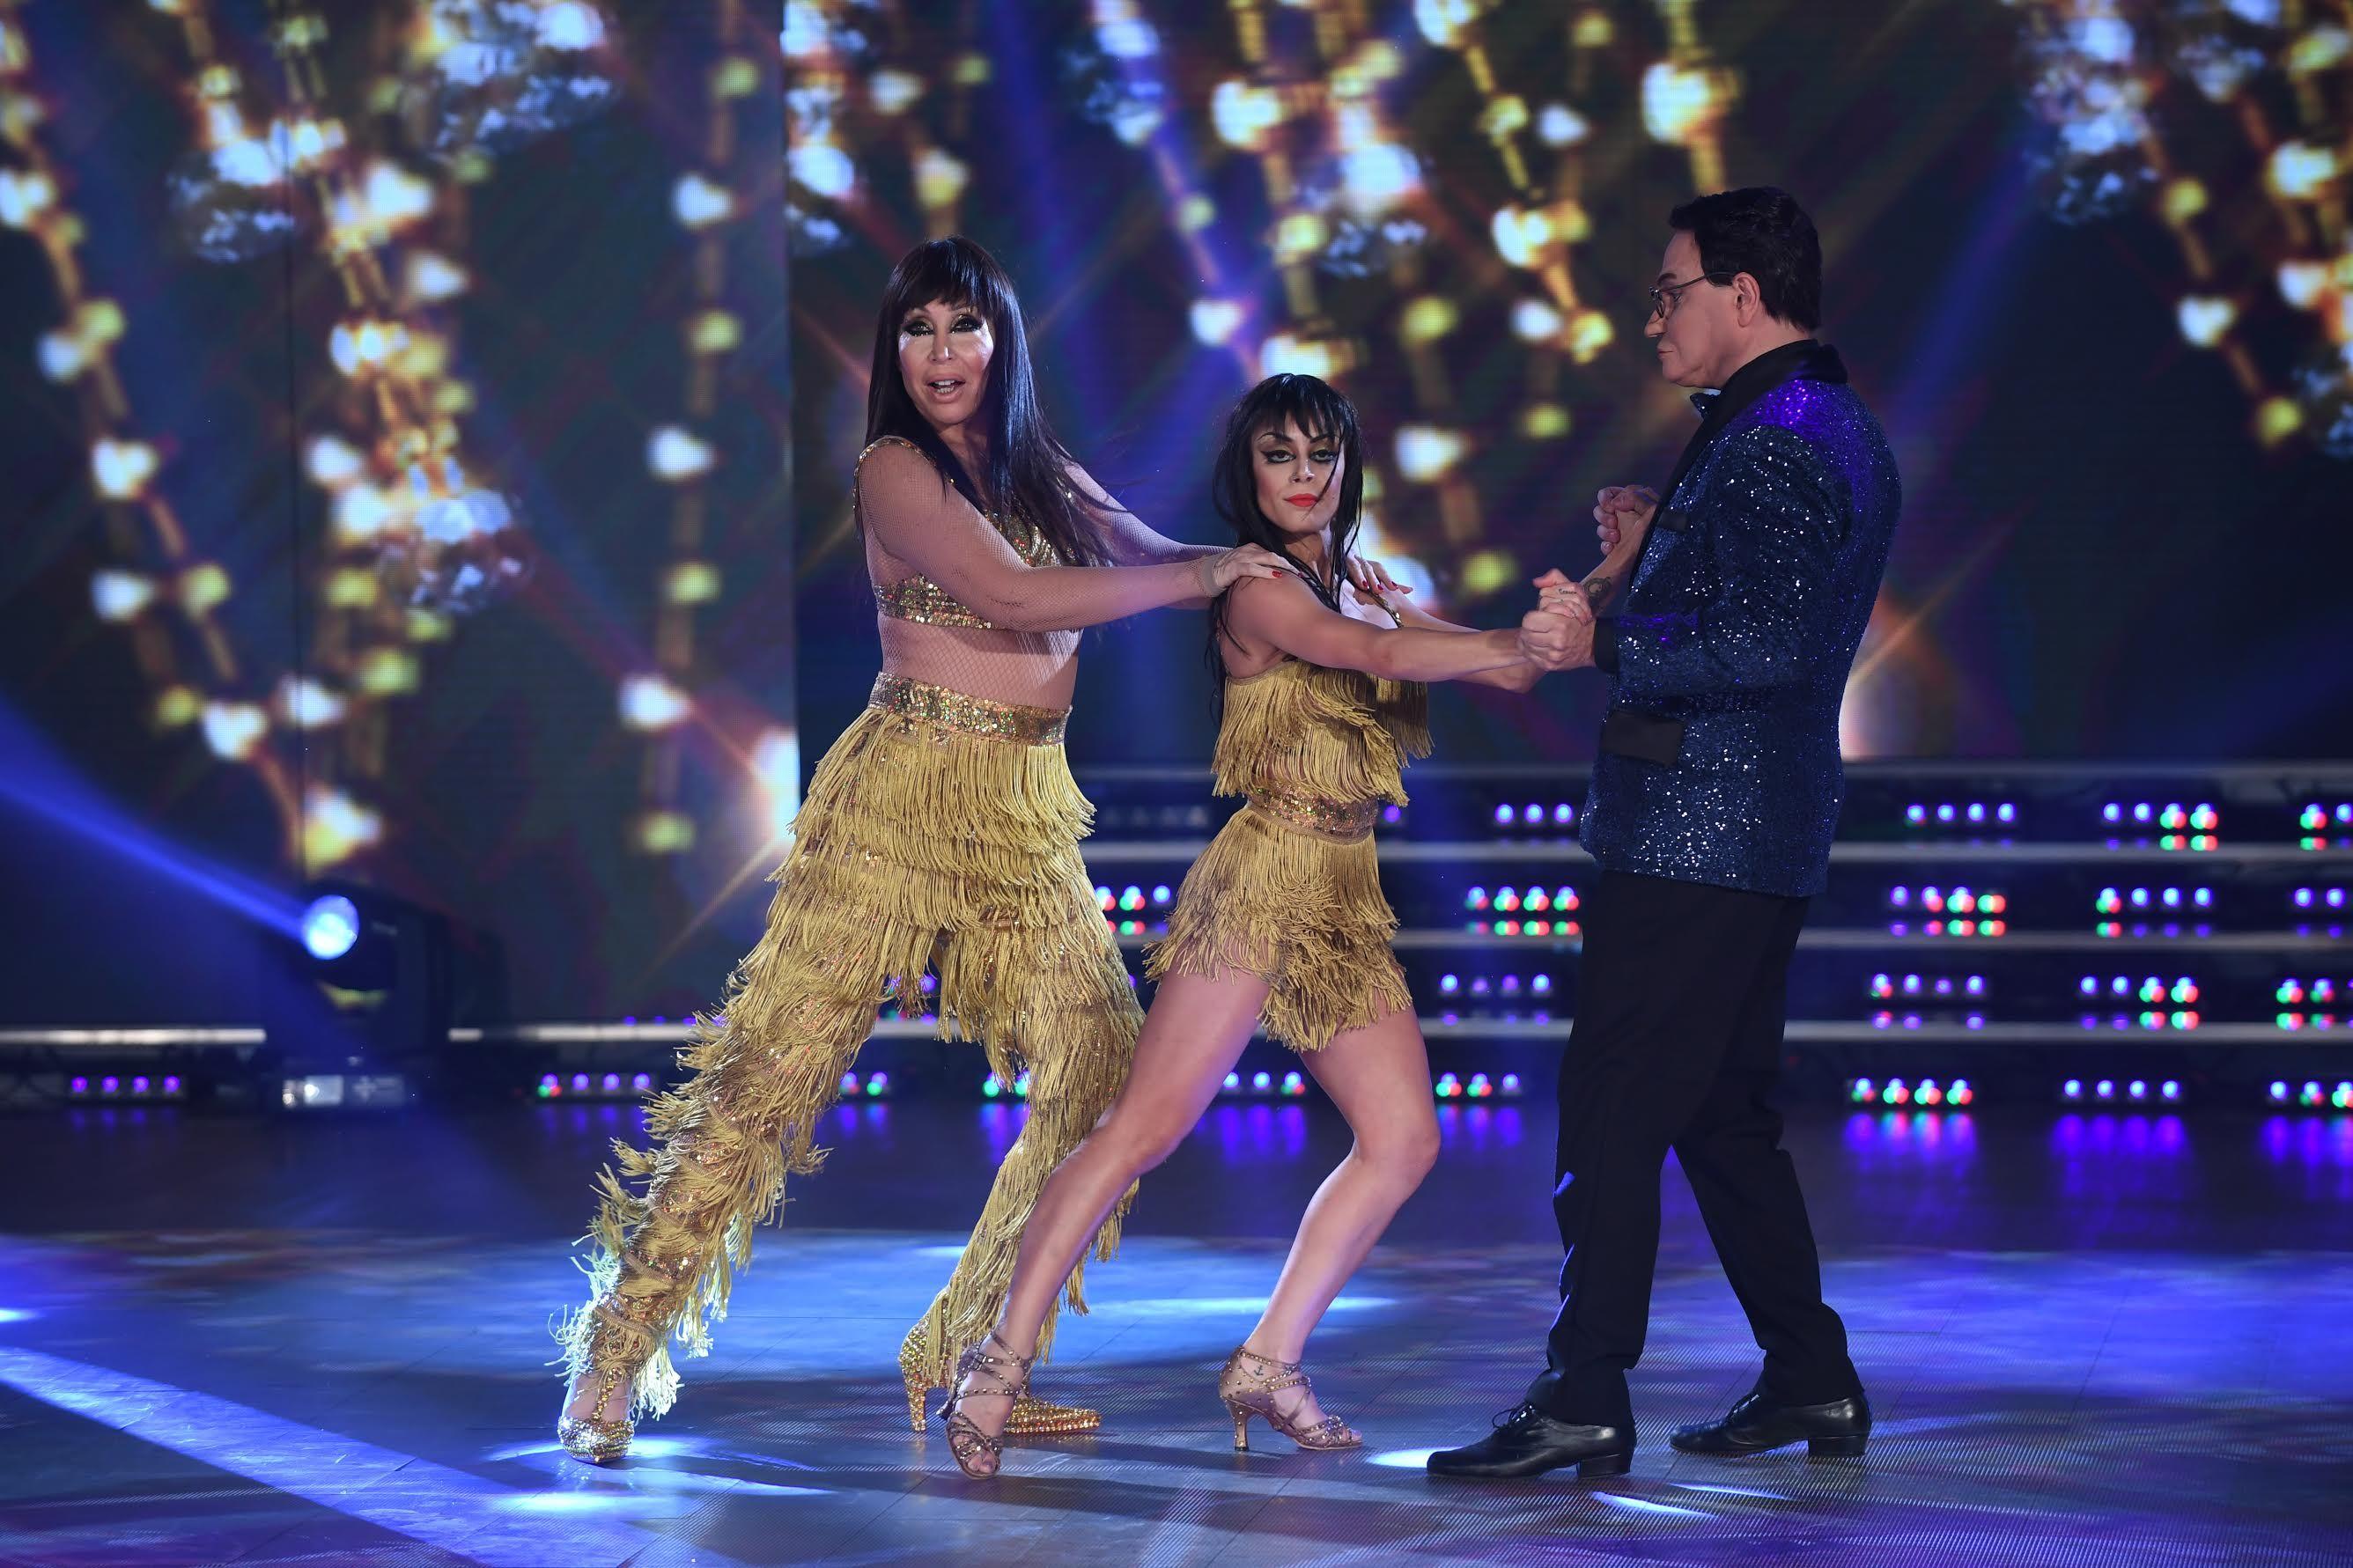 Moria bailando con Freddy y Soledad Bayona